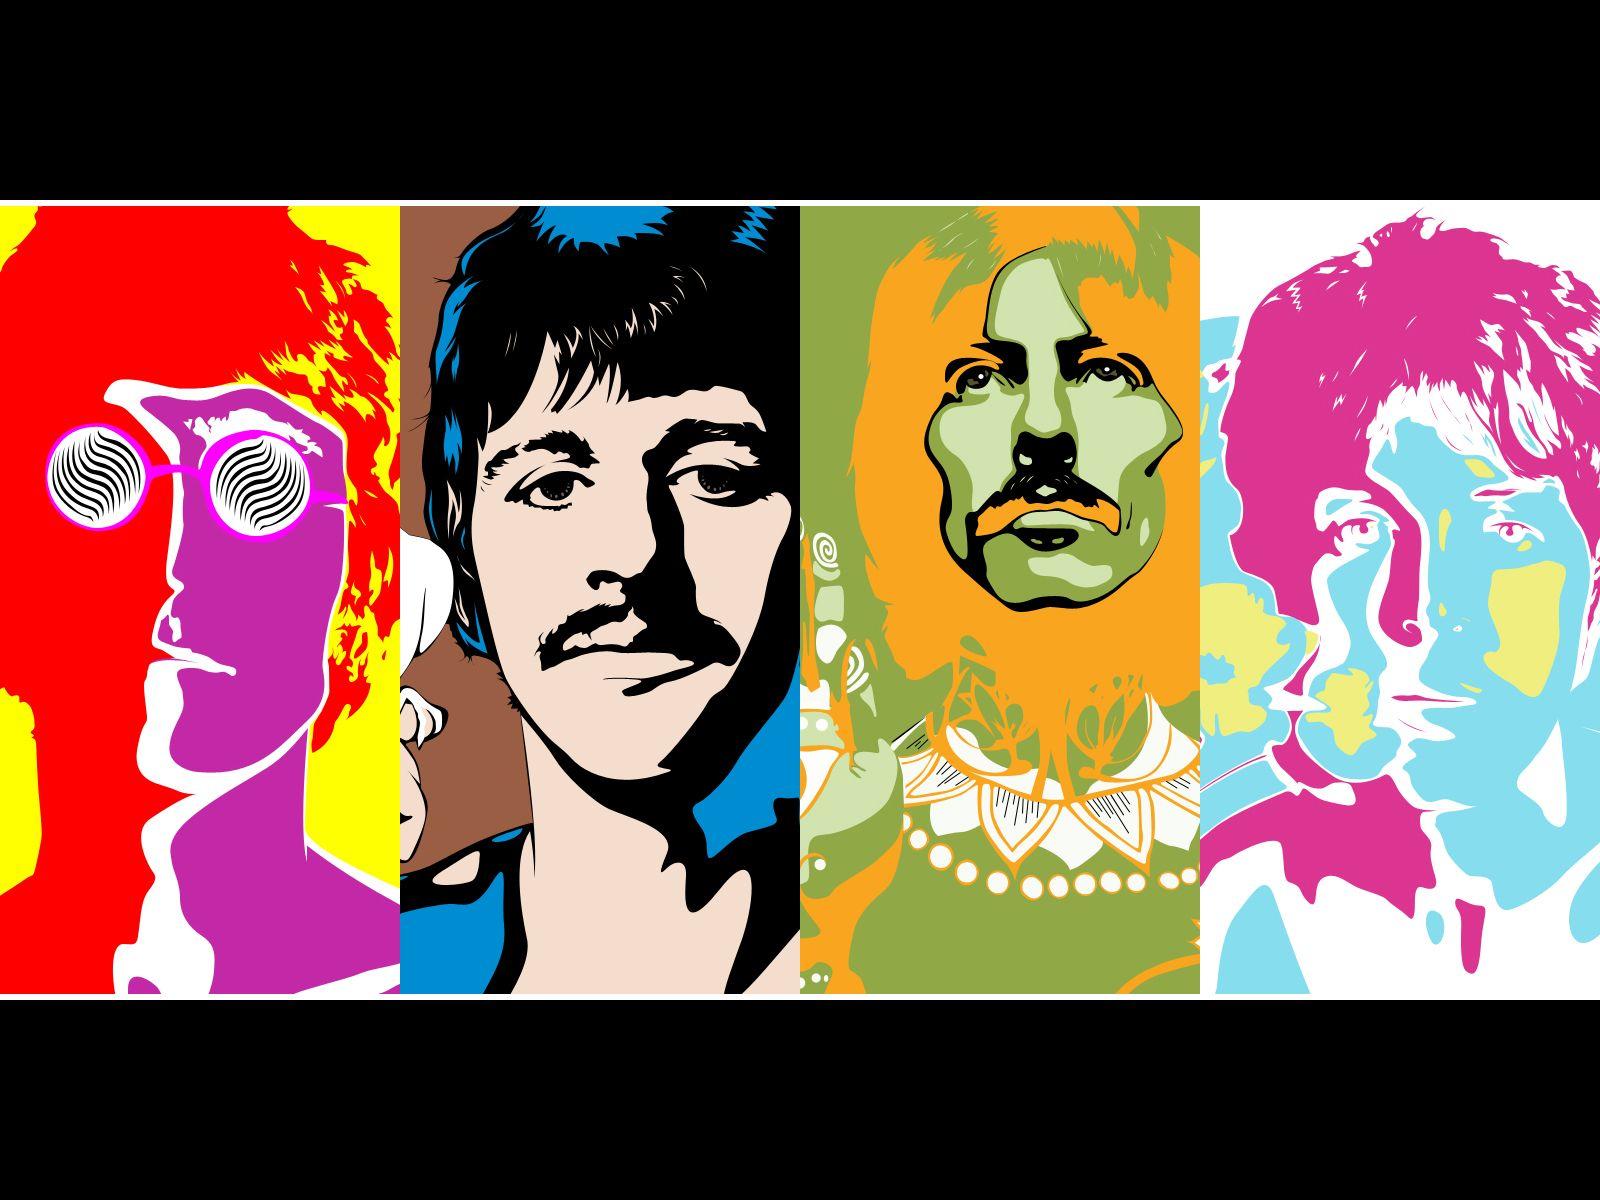 Beatles Psychedelic Wallpaper